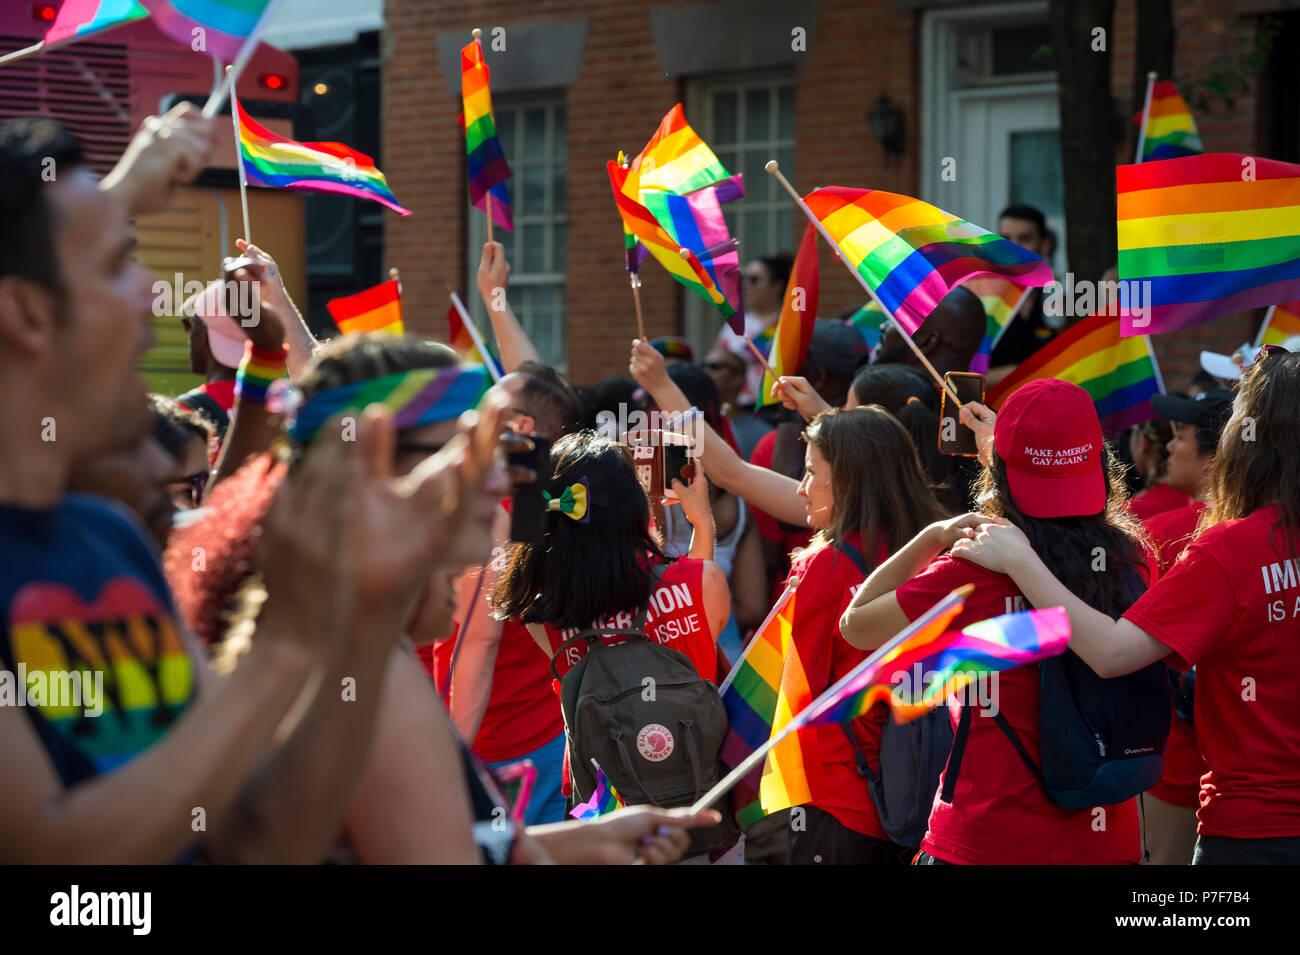 La CIUDAD DE NUEVA YORK - Junio 25, 2017: Los partidarios de onda banderas arcoiris al margen del Desfile del Orgullo Gay anual como pasa por Greenwich Village. Imagen De Stock